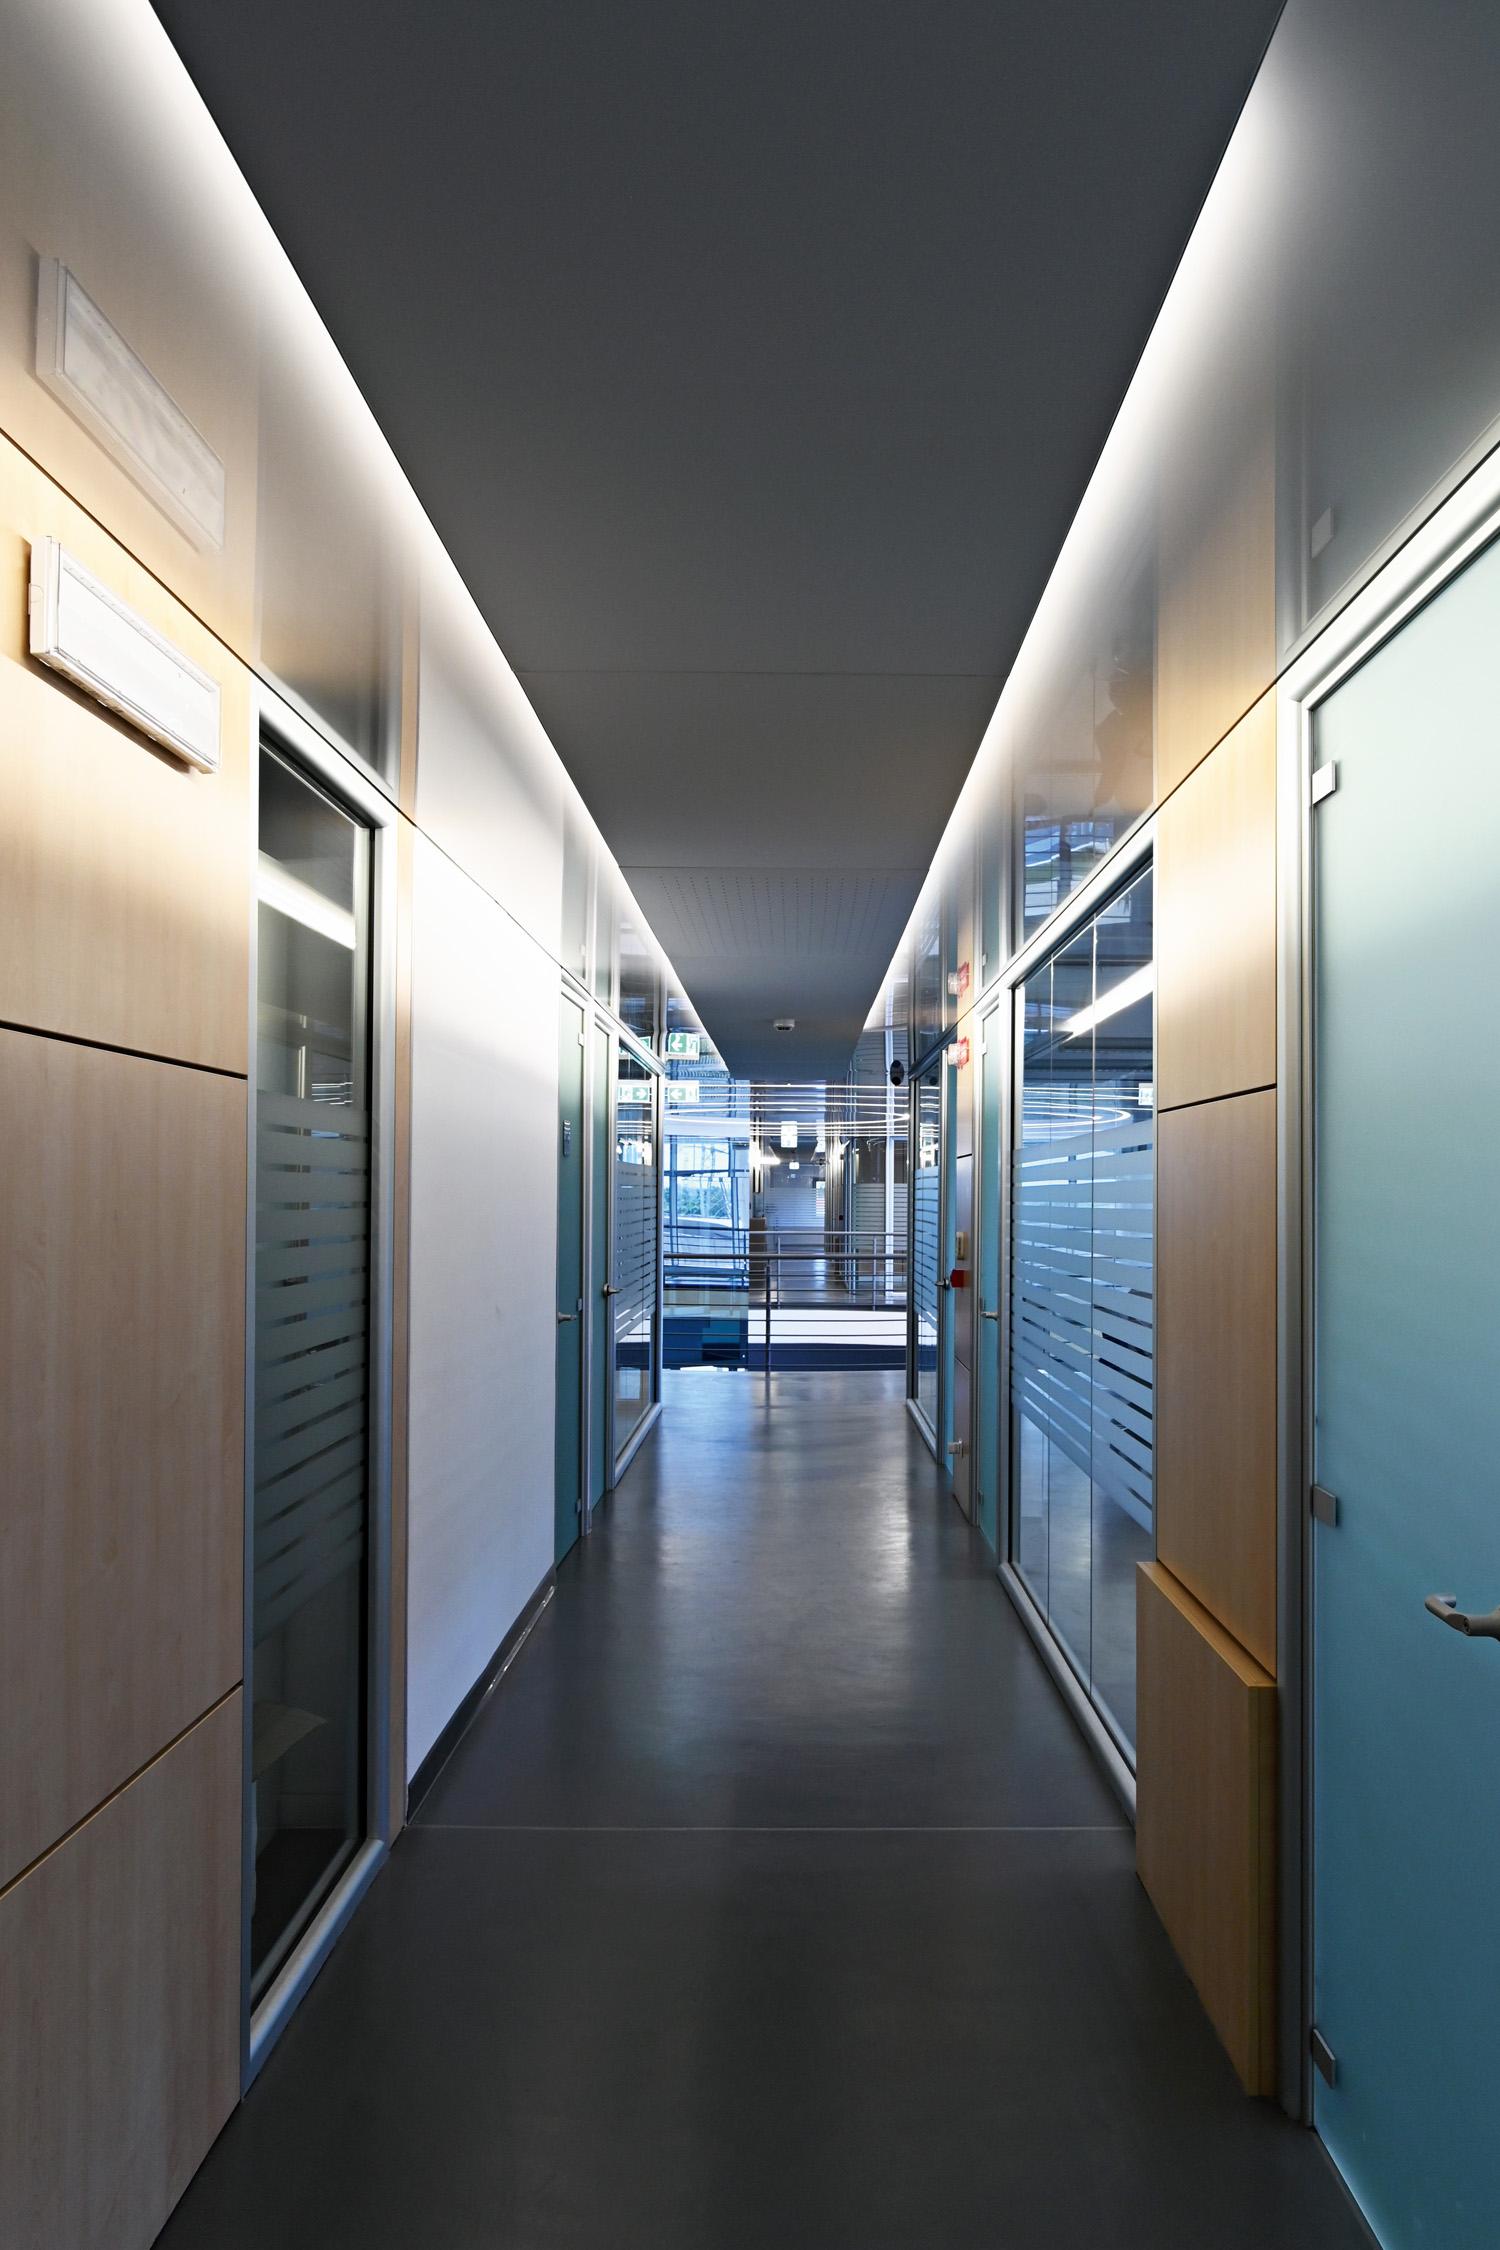 Pannelli sospesi rivestiti con telo Artolis nei corridoi degli uffici Courtesy of Barrisol